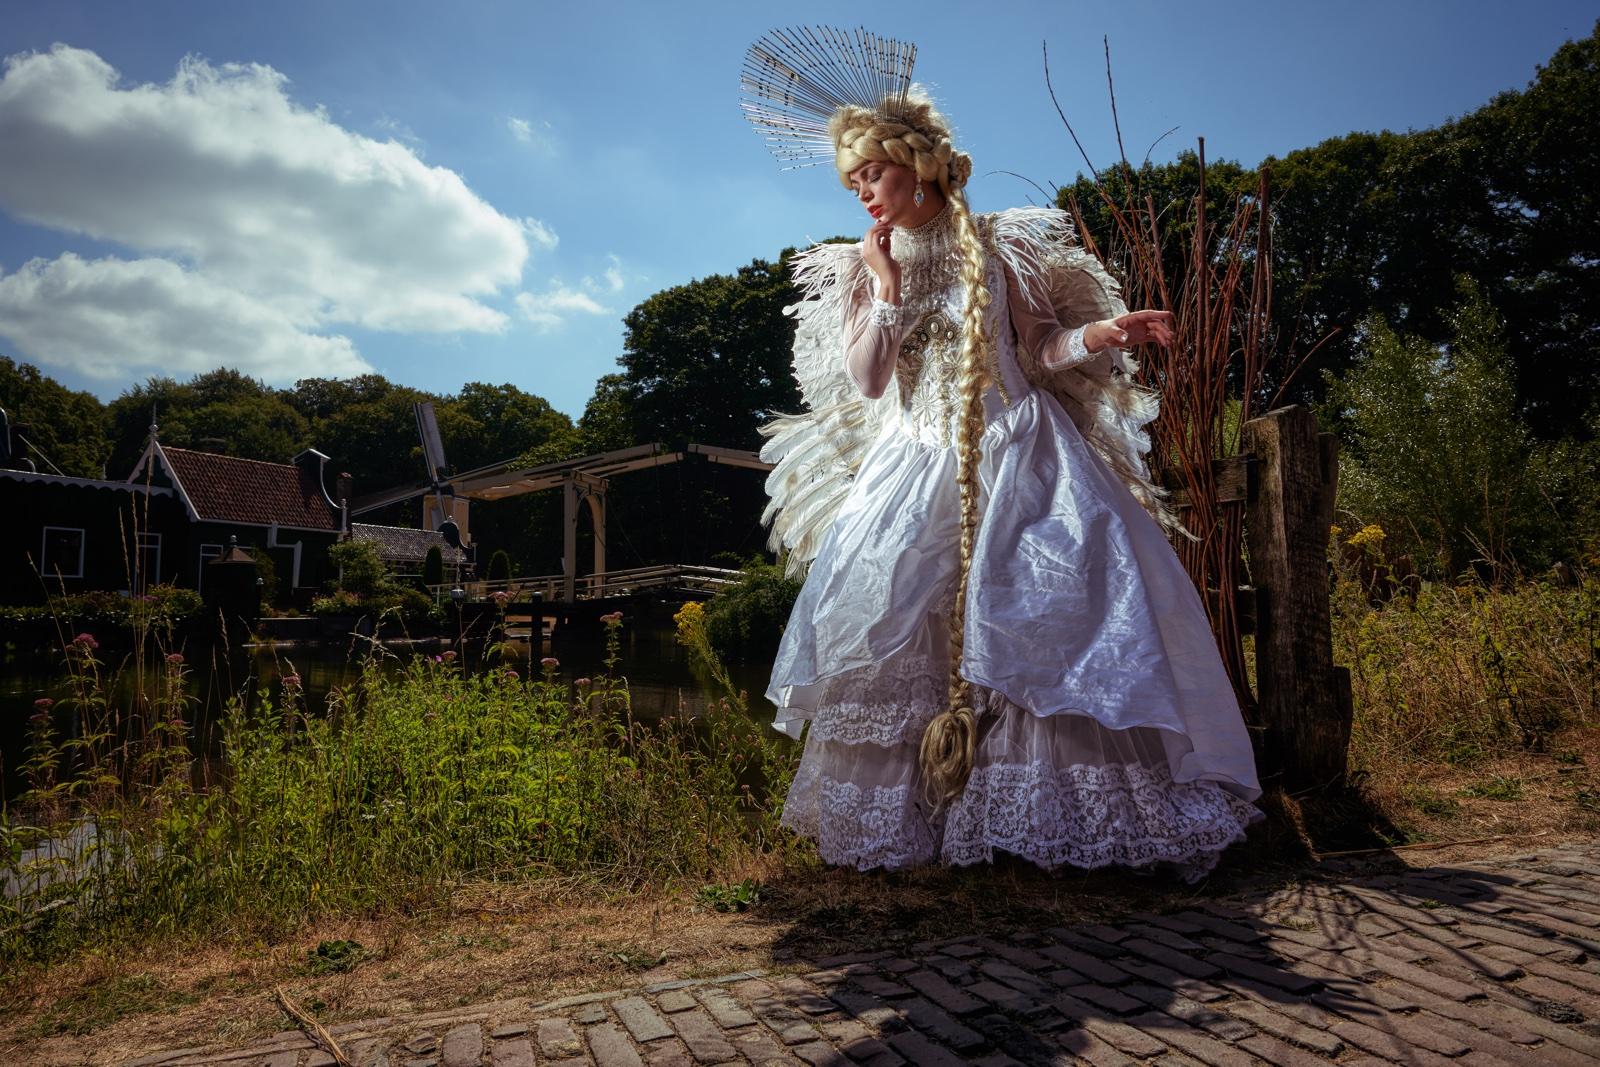 foto: © Frank Doorhof - model met witte jurk en veren op pad bij brug en huisjes